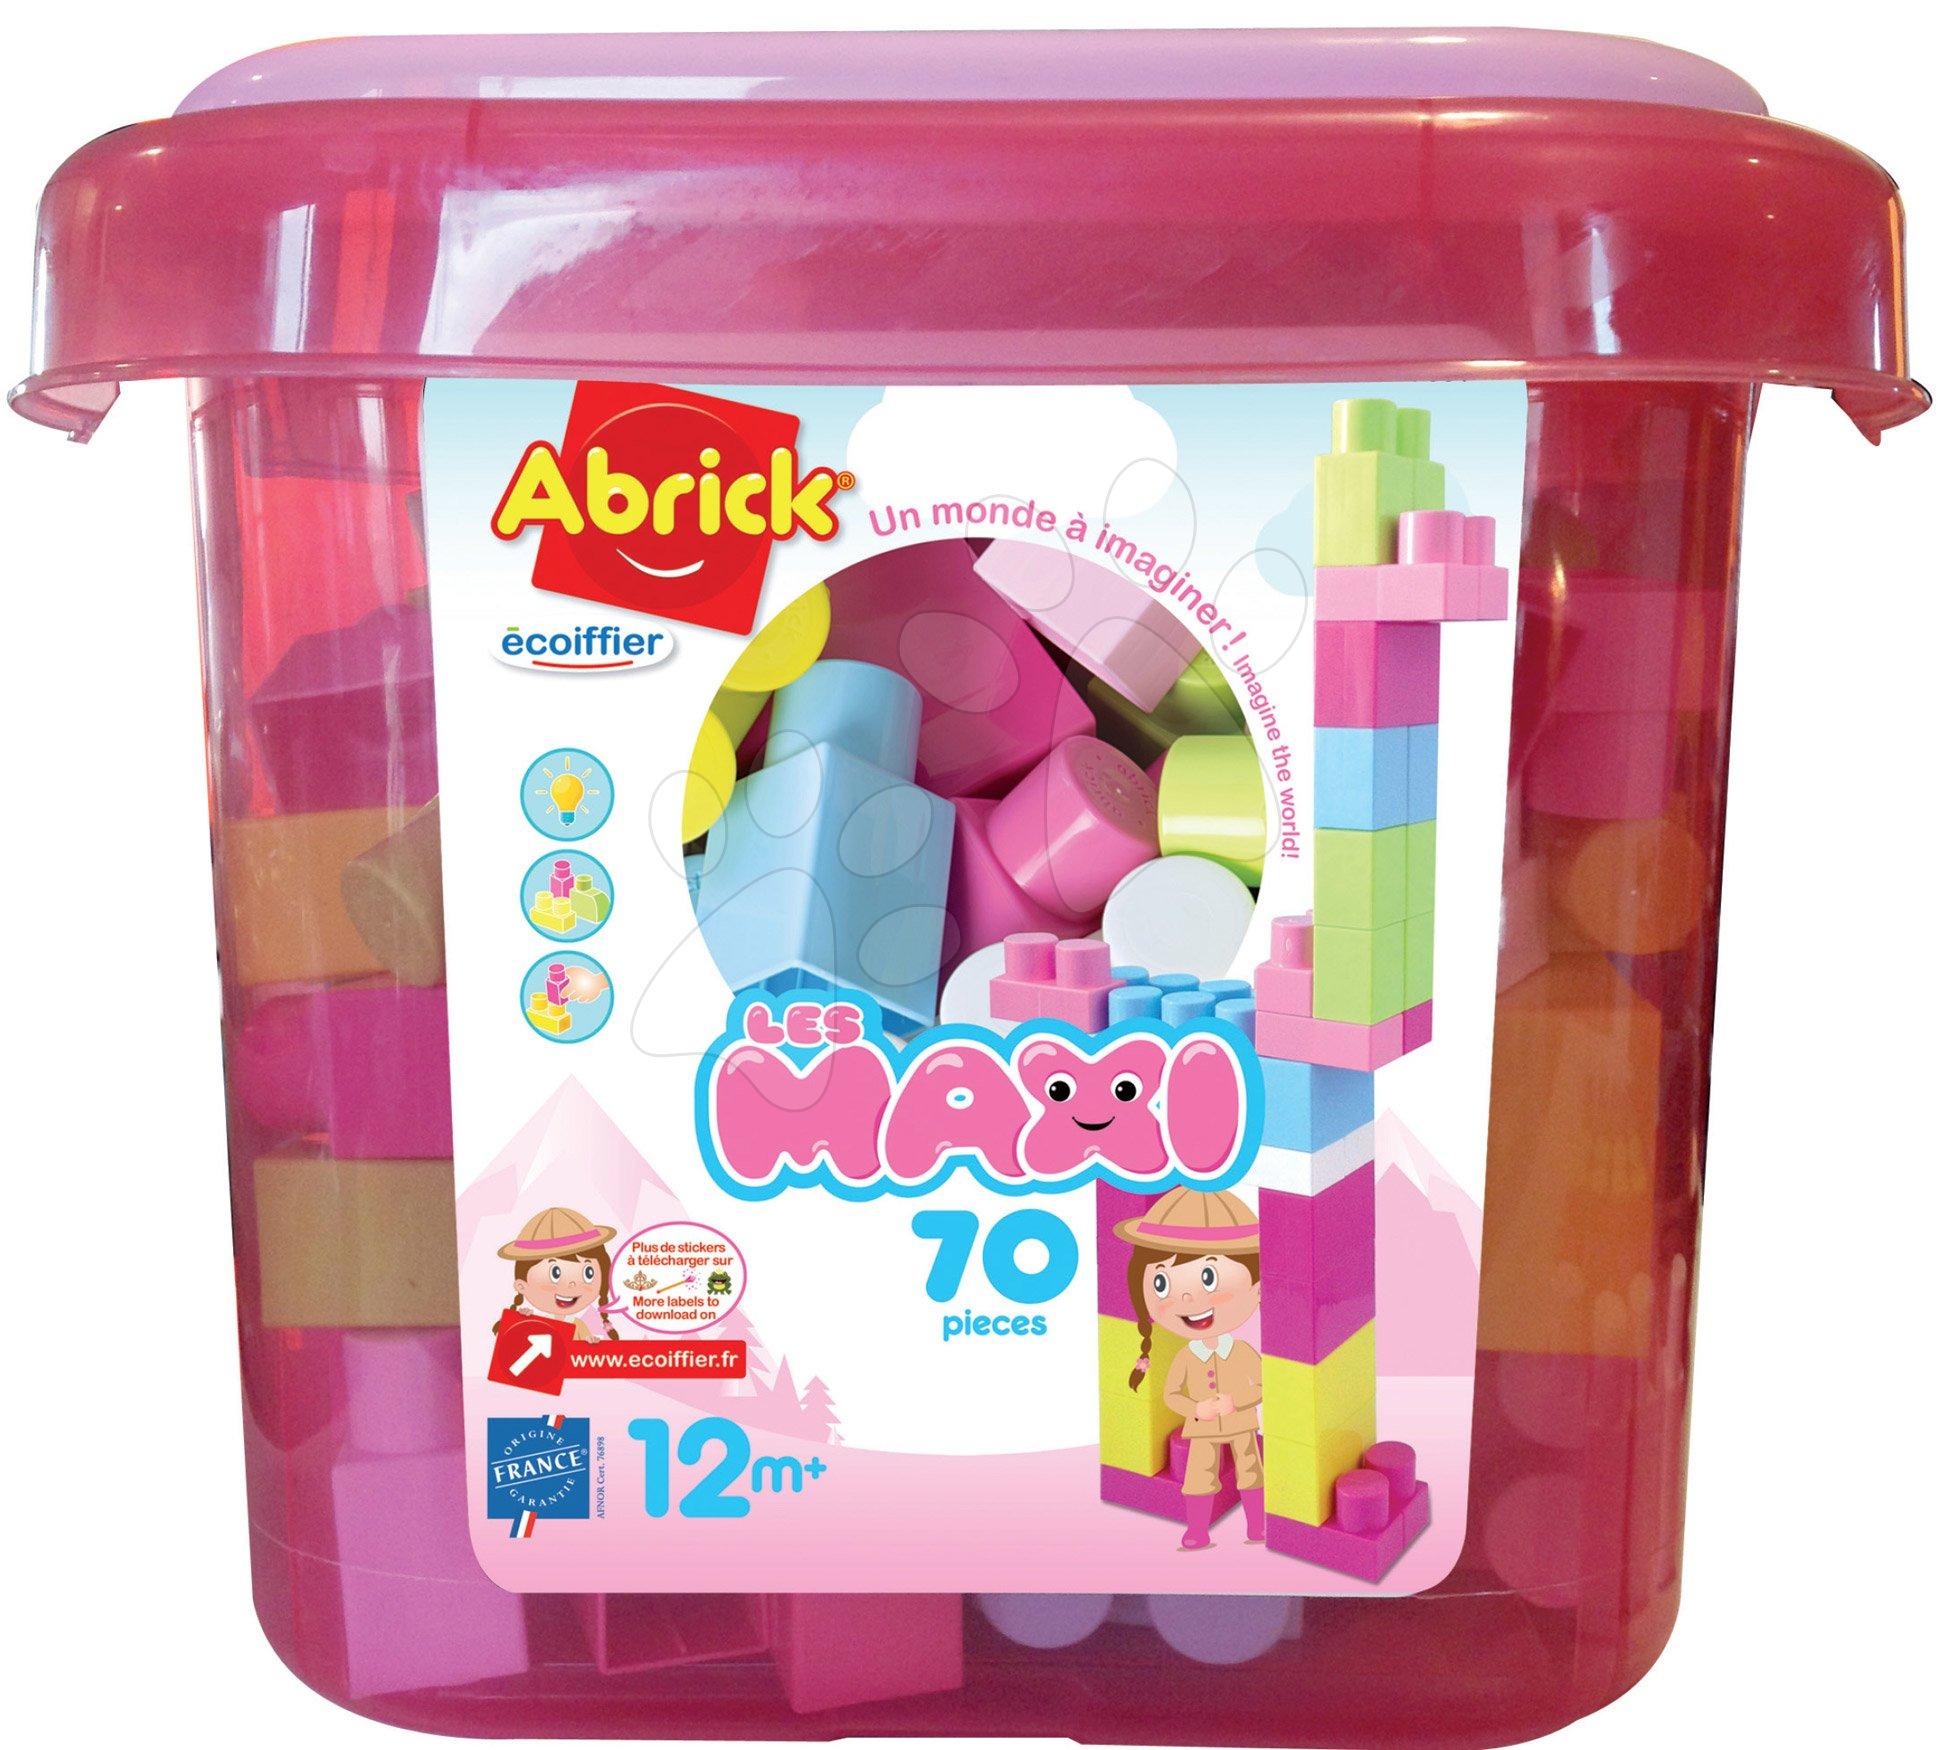 Stavebnice Les Maxi Abrick Pink Écoiffier v růžové dóze se 70 kostkami od 12 měsíců